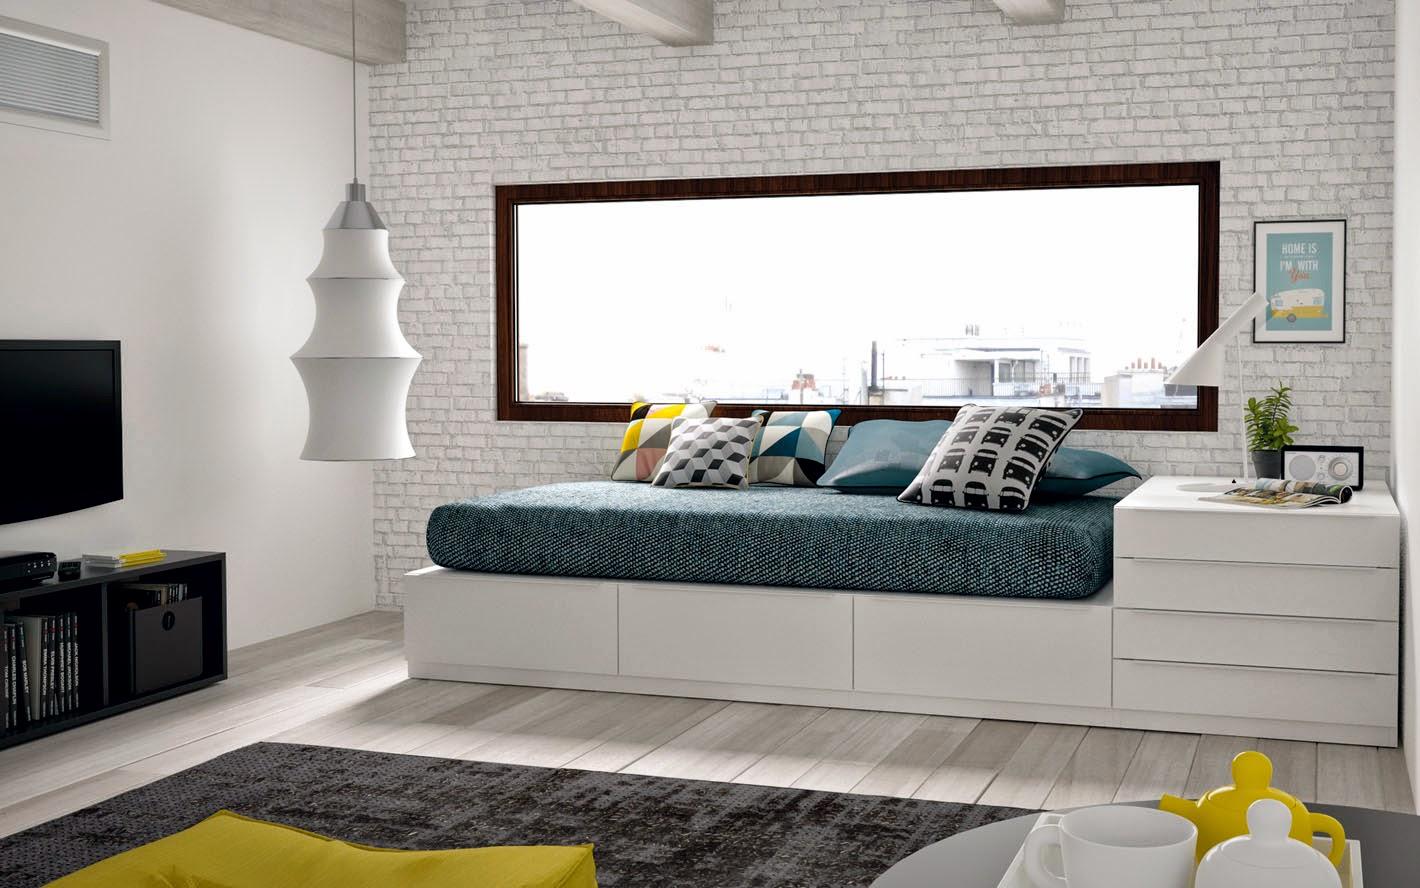 Amueblar habitaciones juveniles modernas for Habitaciones juveniles modernas